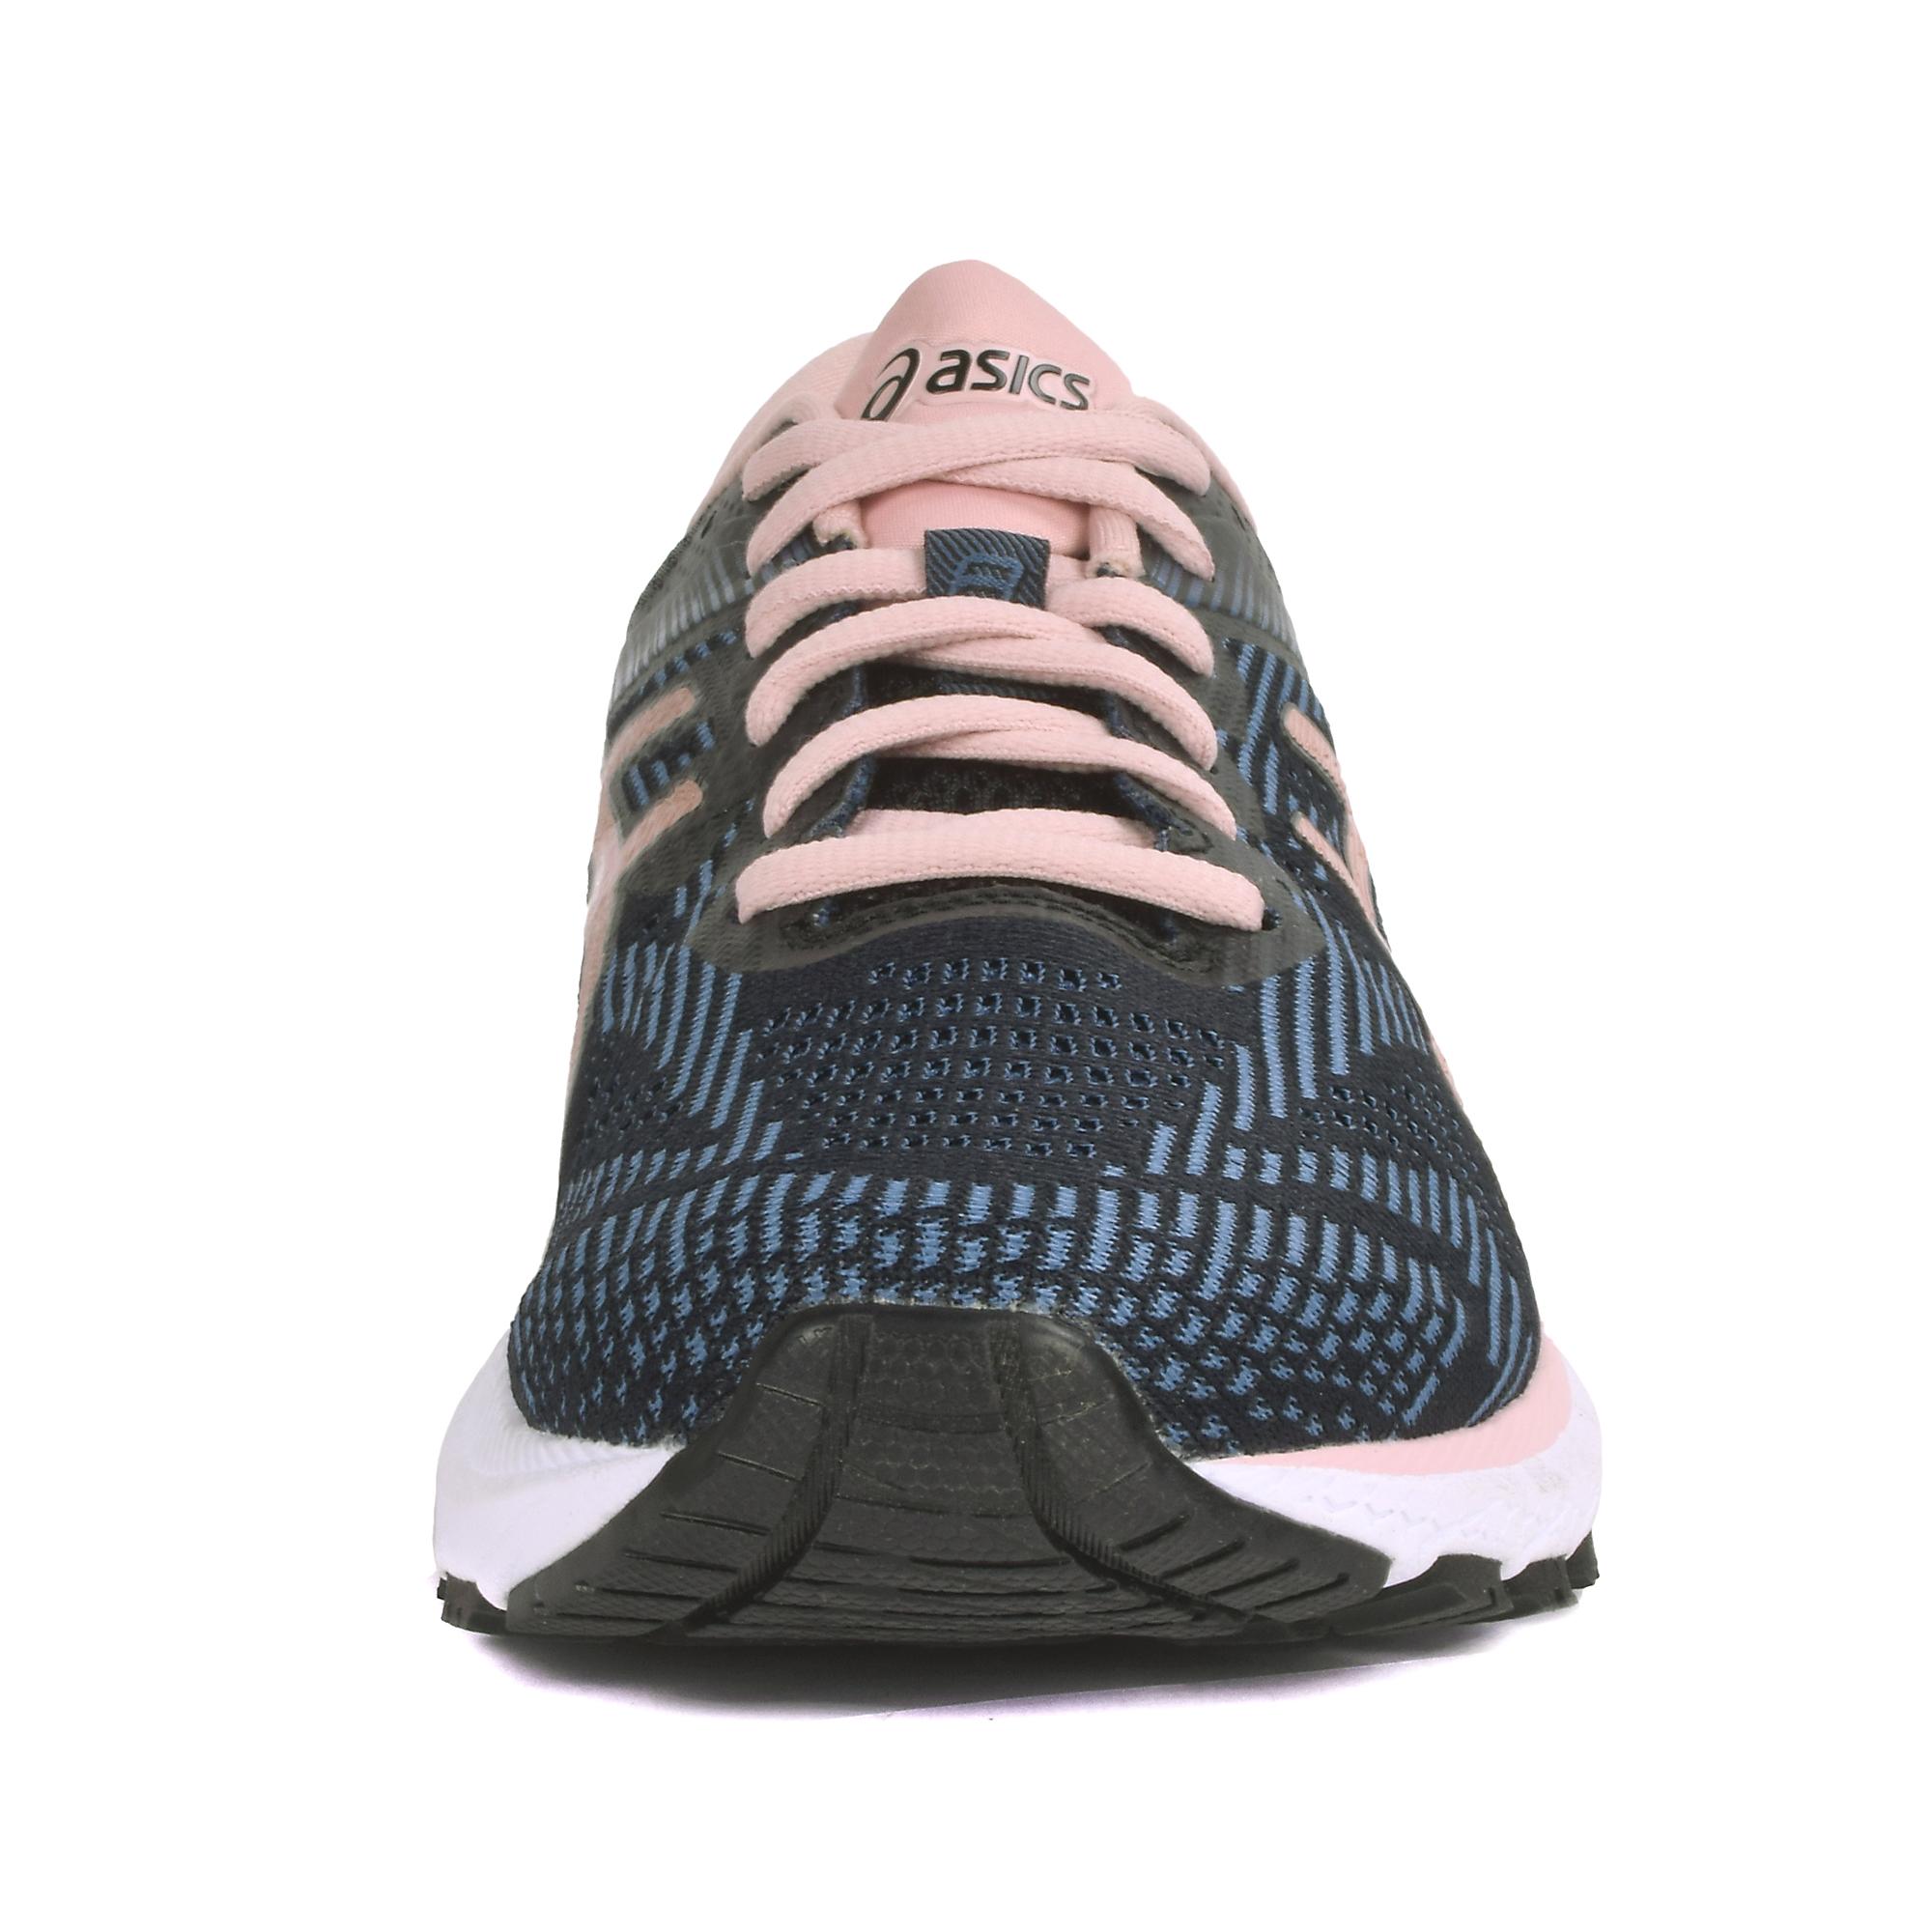 Women's Asics Gt-2000 8 Running Shoe - Color: Black/Blue/Rose Gold (Regular Width) - Size: 5, Black/Blue/Rose Gold, large, image 4